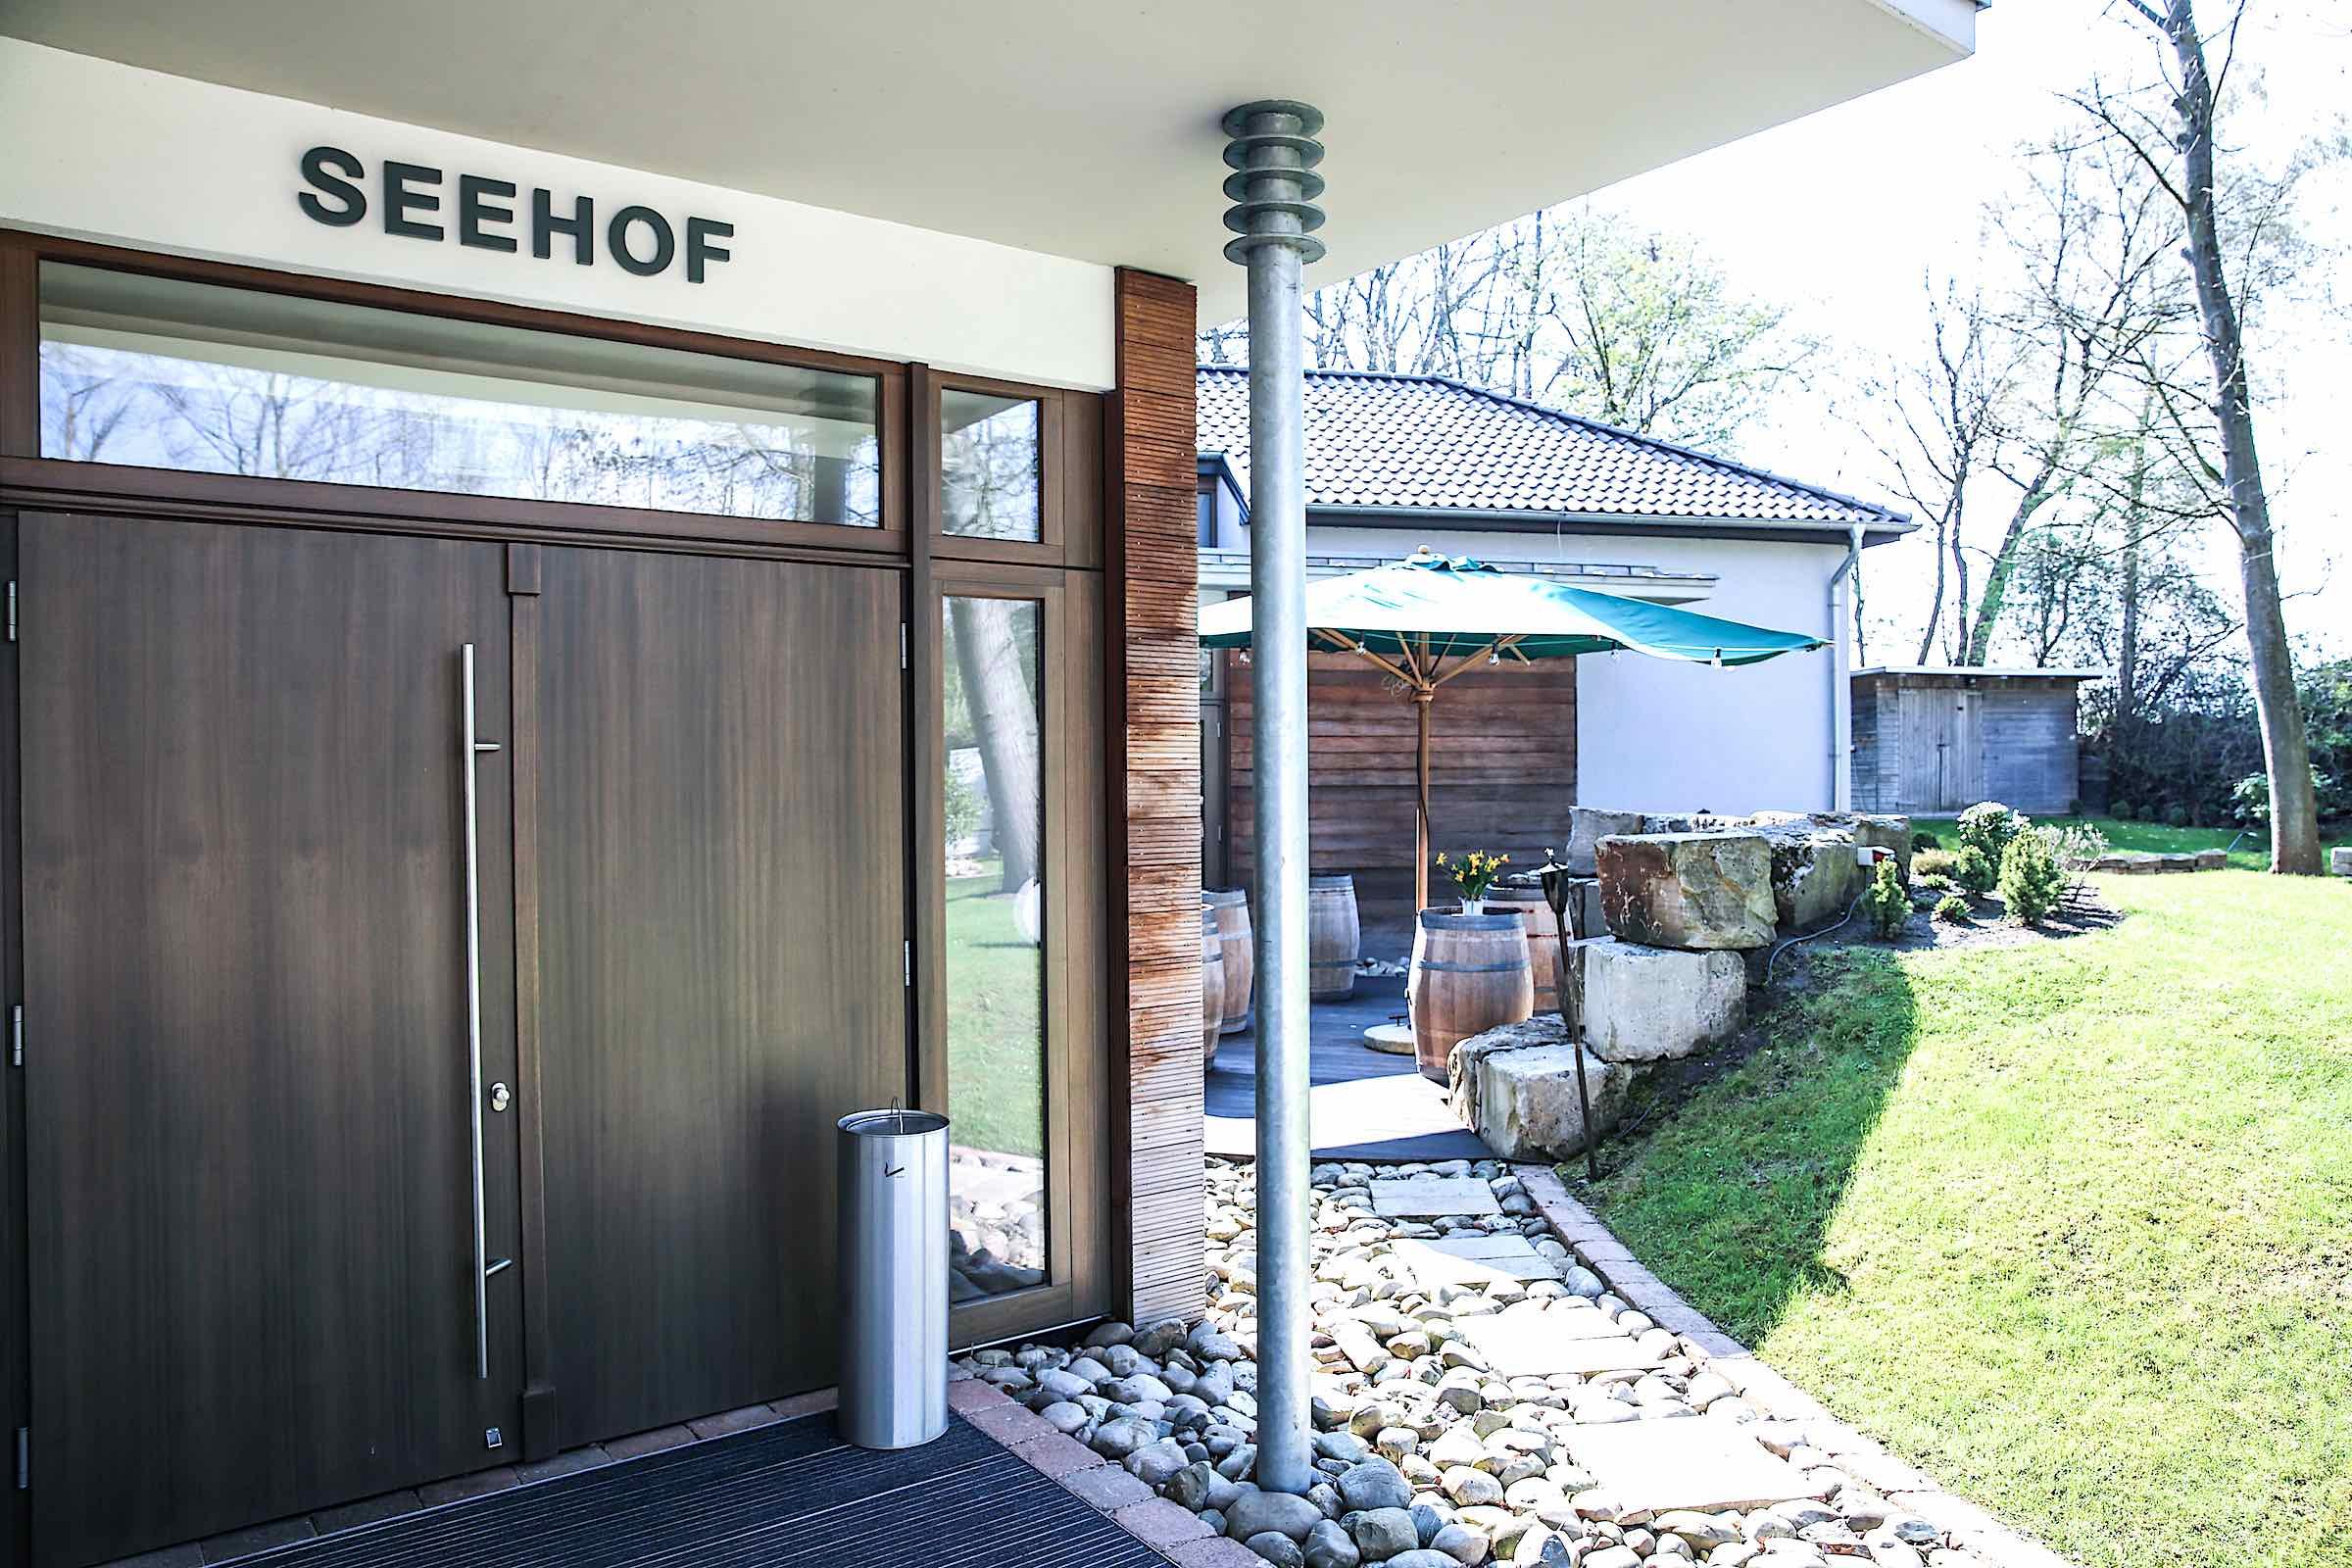 Landhaus | am | See | Seehof | Restaurant | Referenz | Location | Fotograf | DJ | Hannover | Hochzeit | DJ | Service | Lehmann | Eventservice